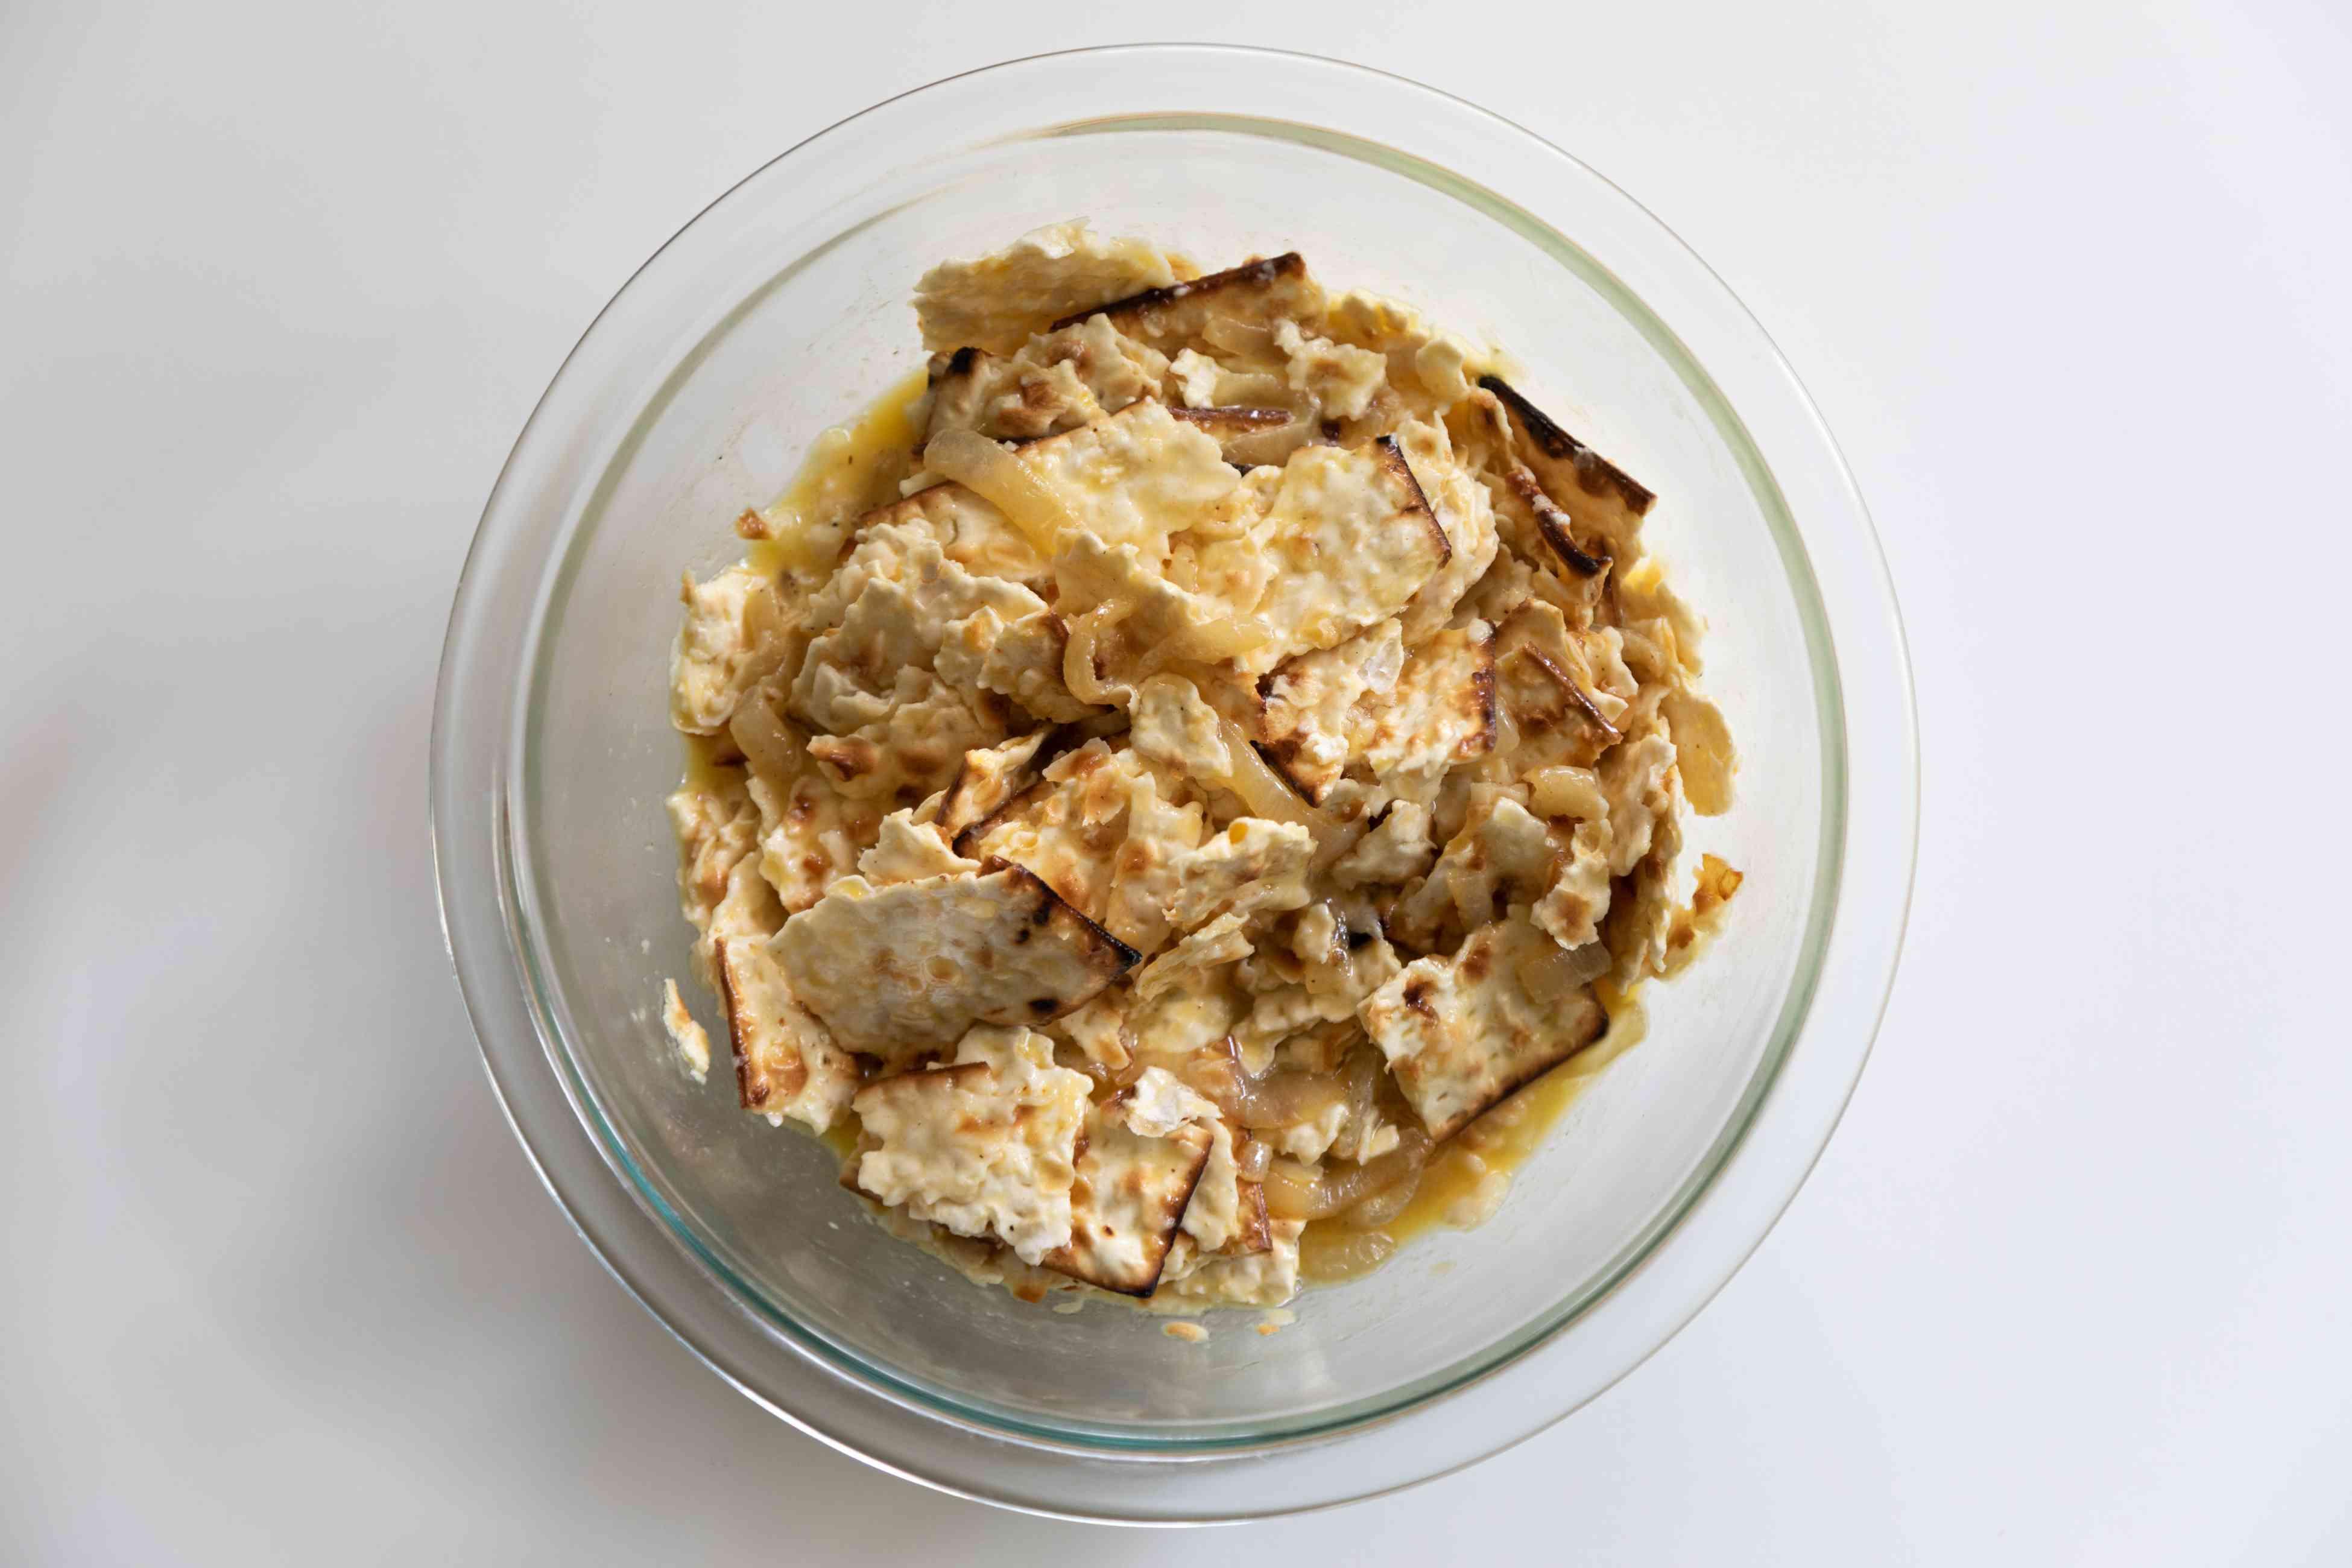 Broken matzo crackers in a bowl.